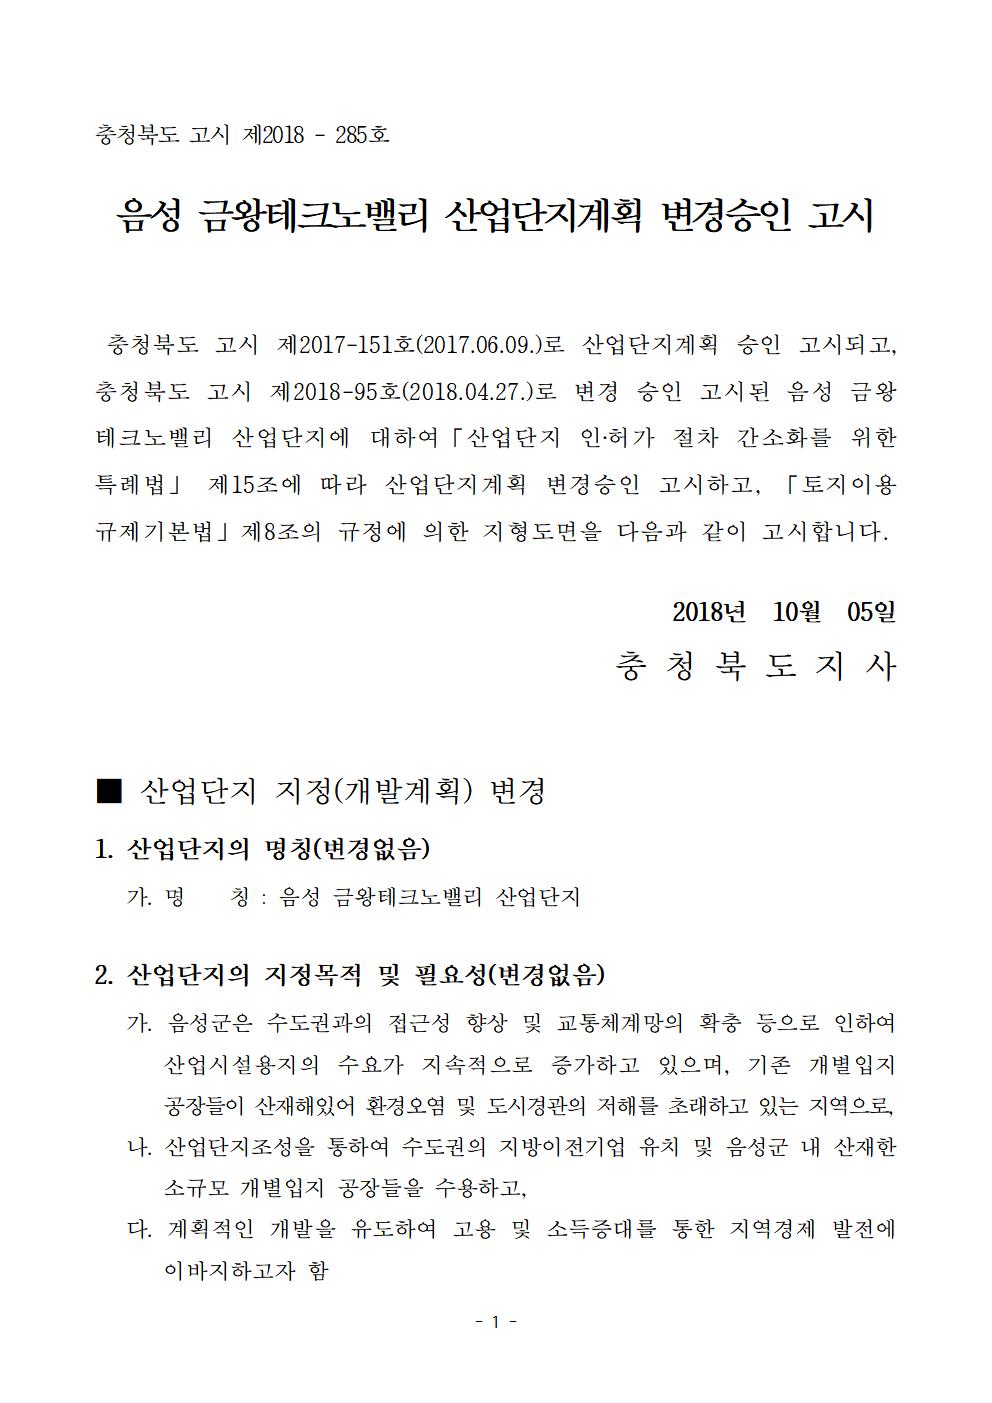 20181005 금왕테크노밸리산업단지계획변경승인고시.png